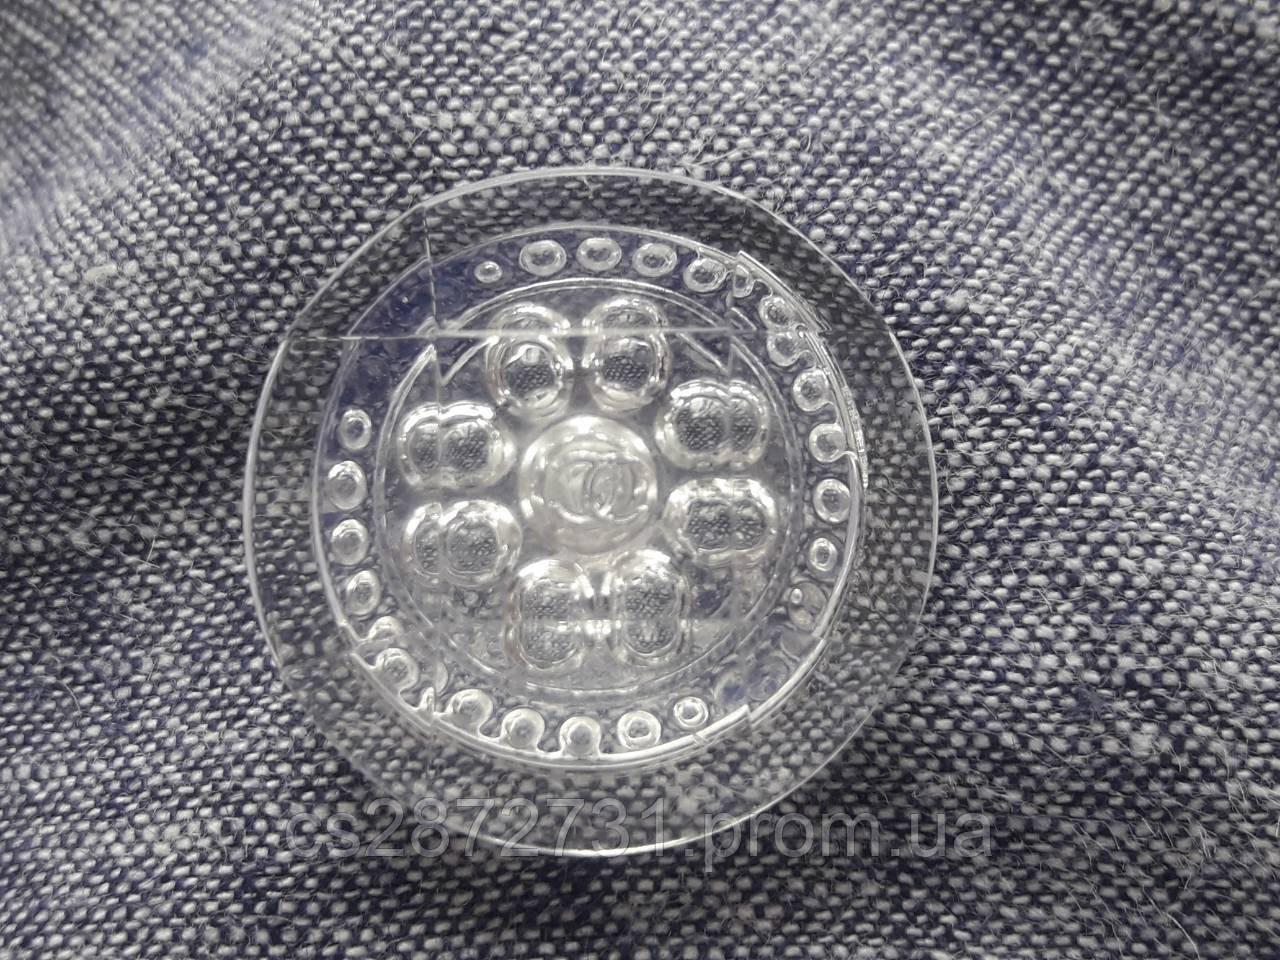 Пуговици, брендовая фурнитура, пуговицы для верхней одежды, 25 мм, стильные .